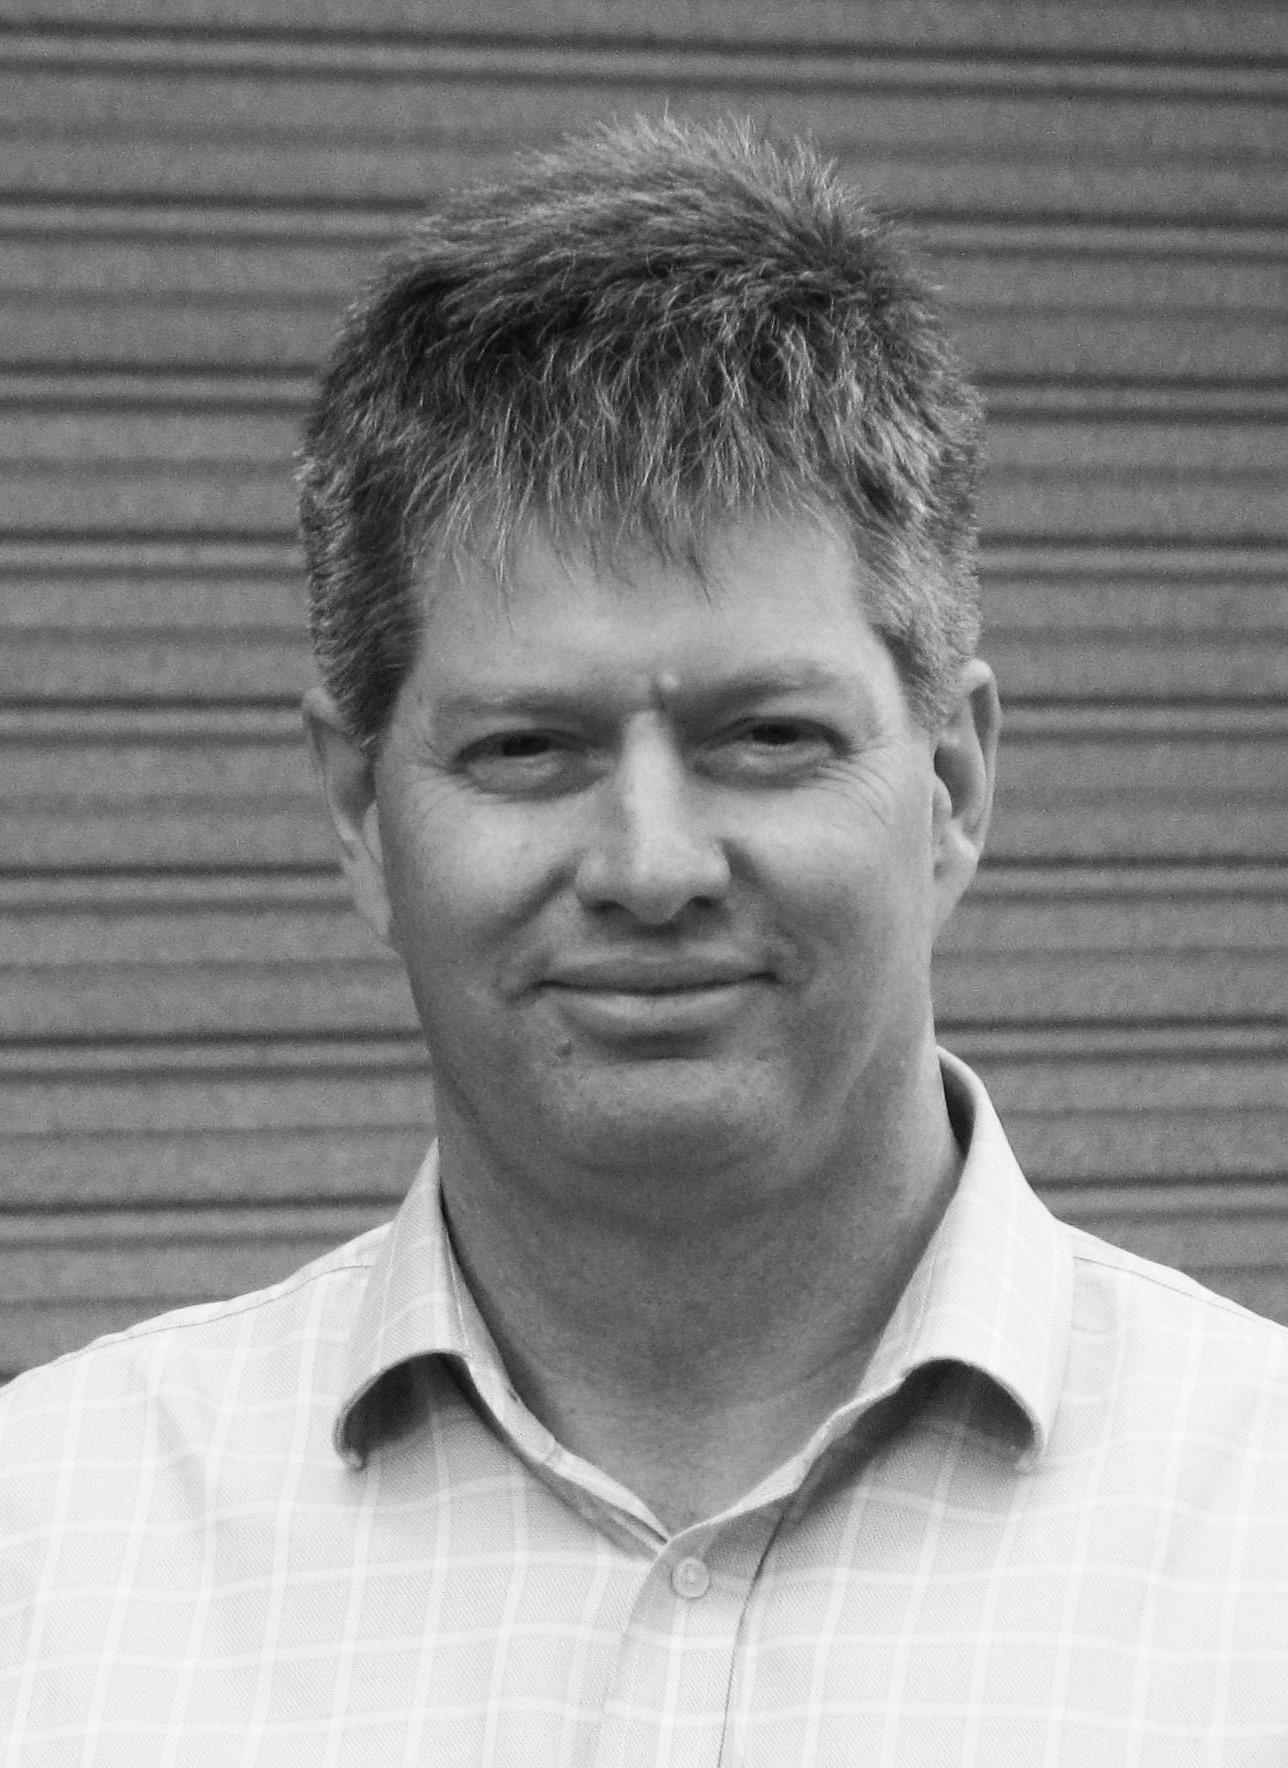 Simon Connolly